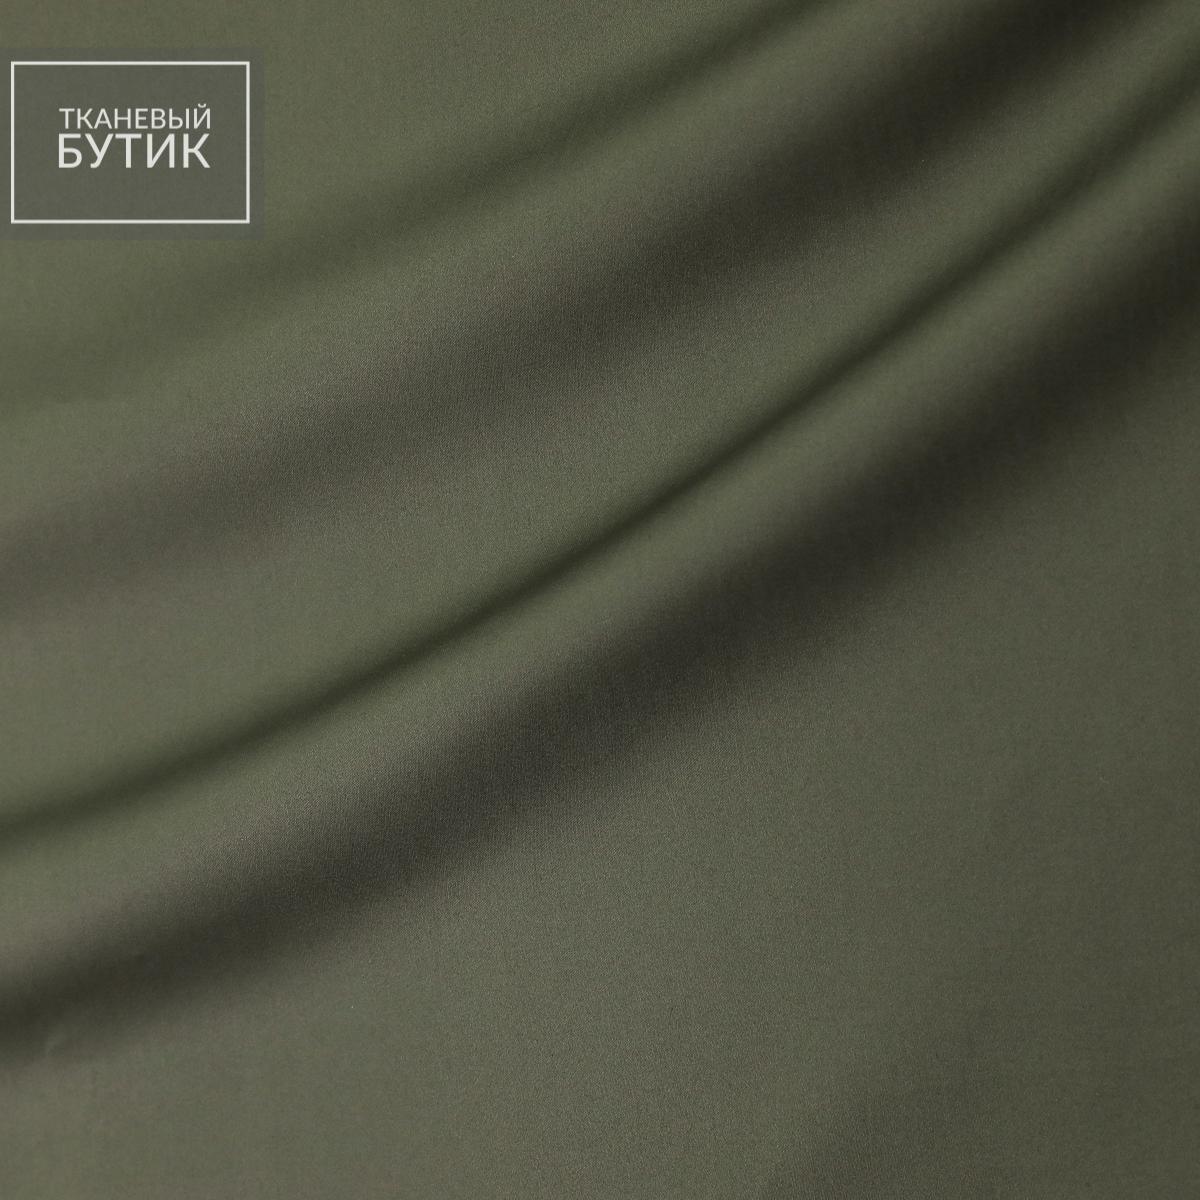 Тонкой хлопковый сатин с эластаном цвета зеленоватой умбры